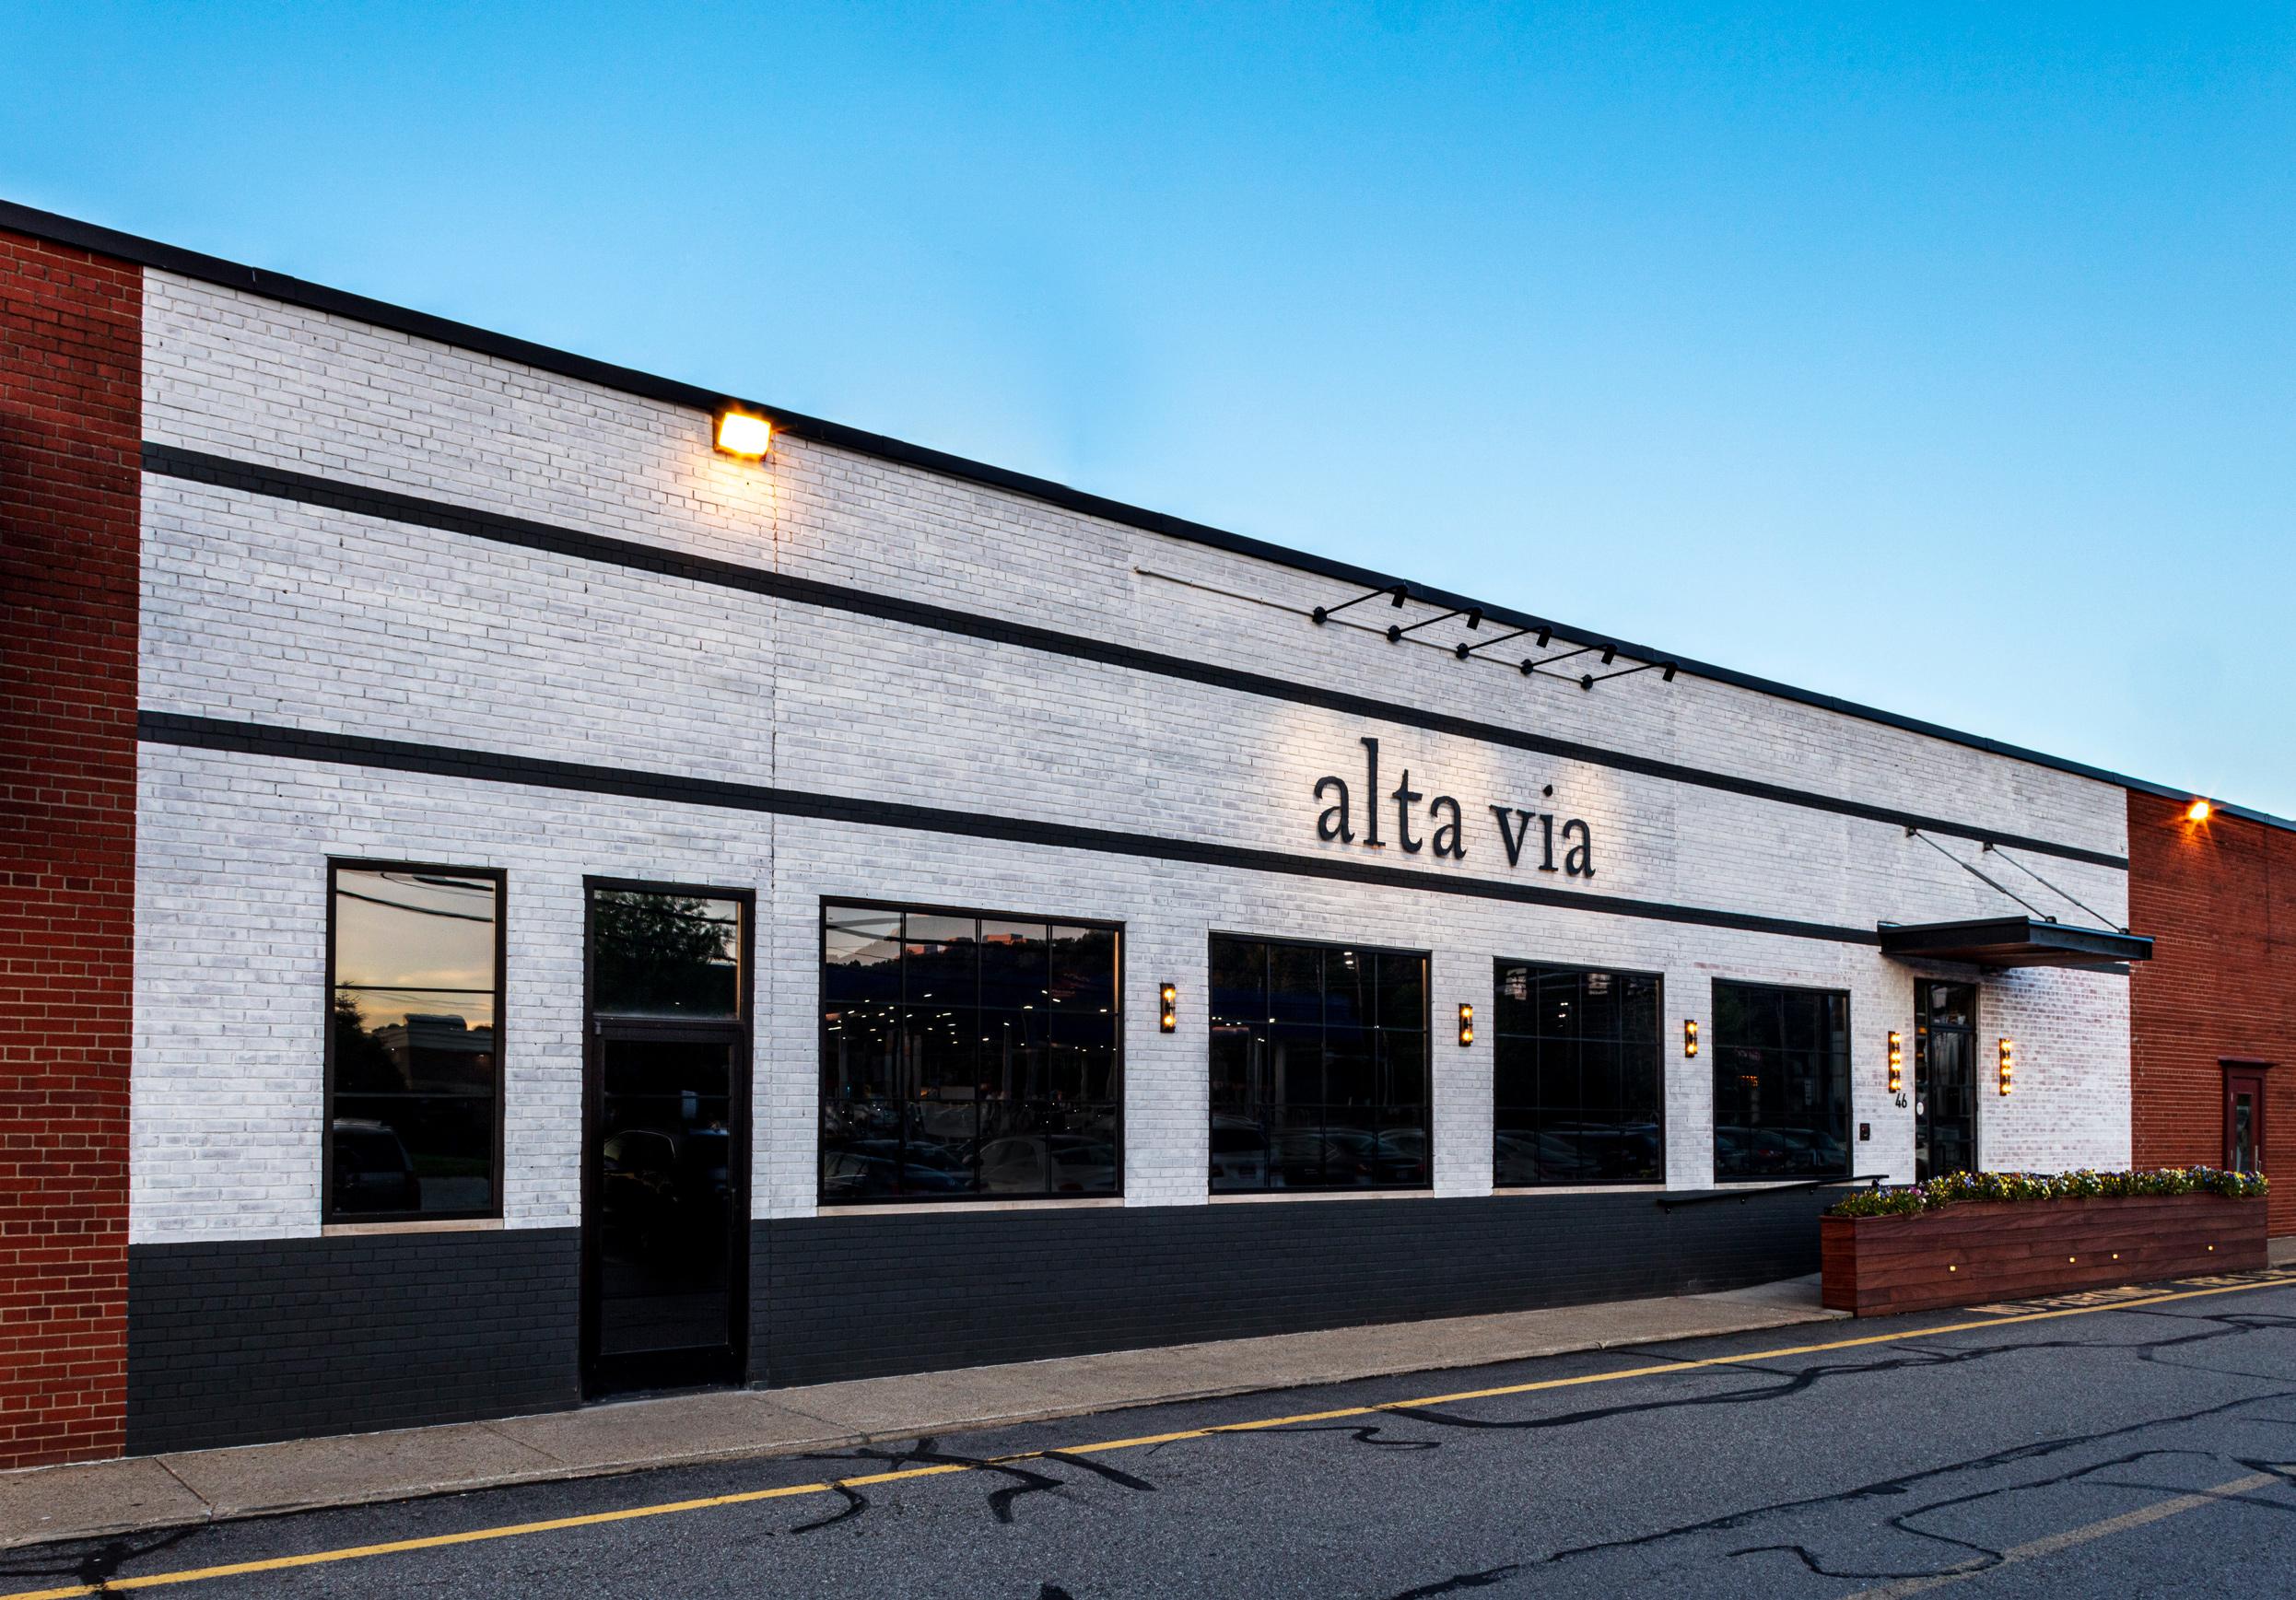 AltaVia_exterior_night-2878_Edit_WEB.jpg